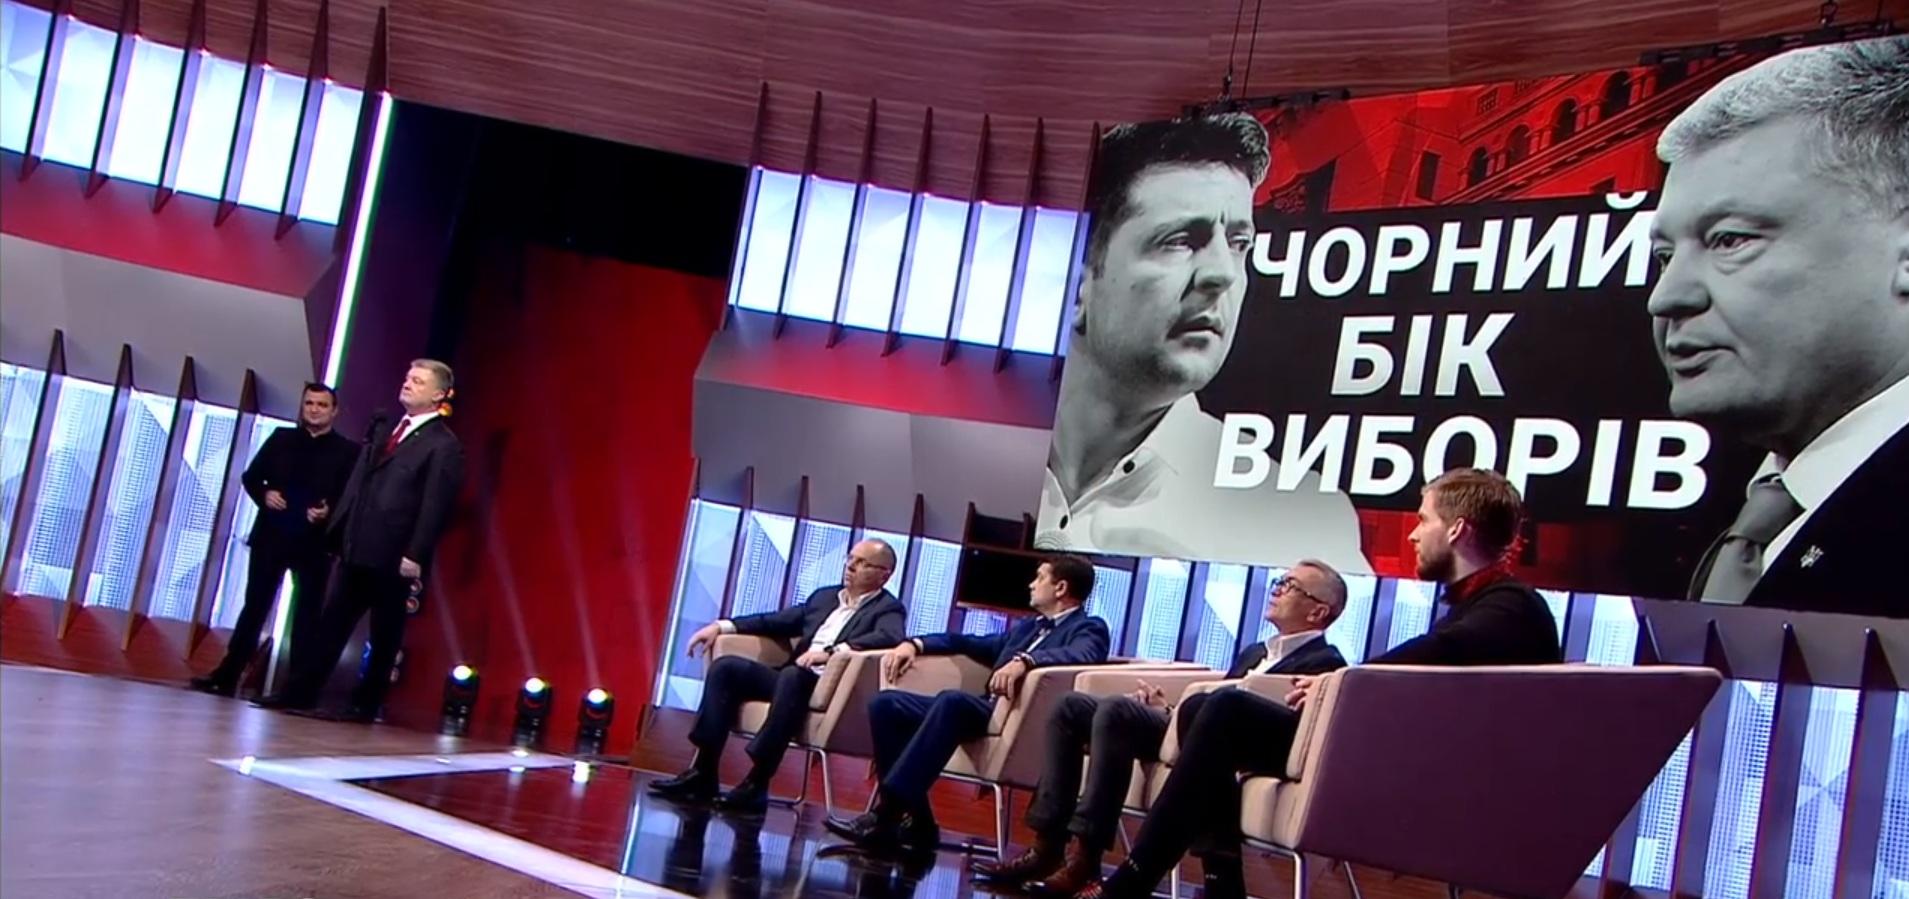 Есть контакт. Кто остался победителем в мини-дебатах между Зеленским и П...